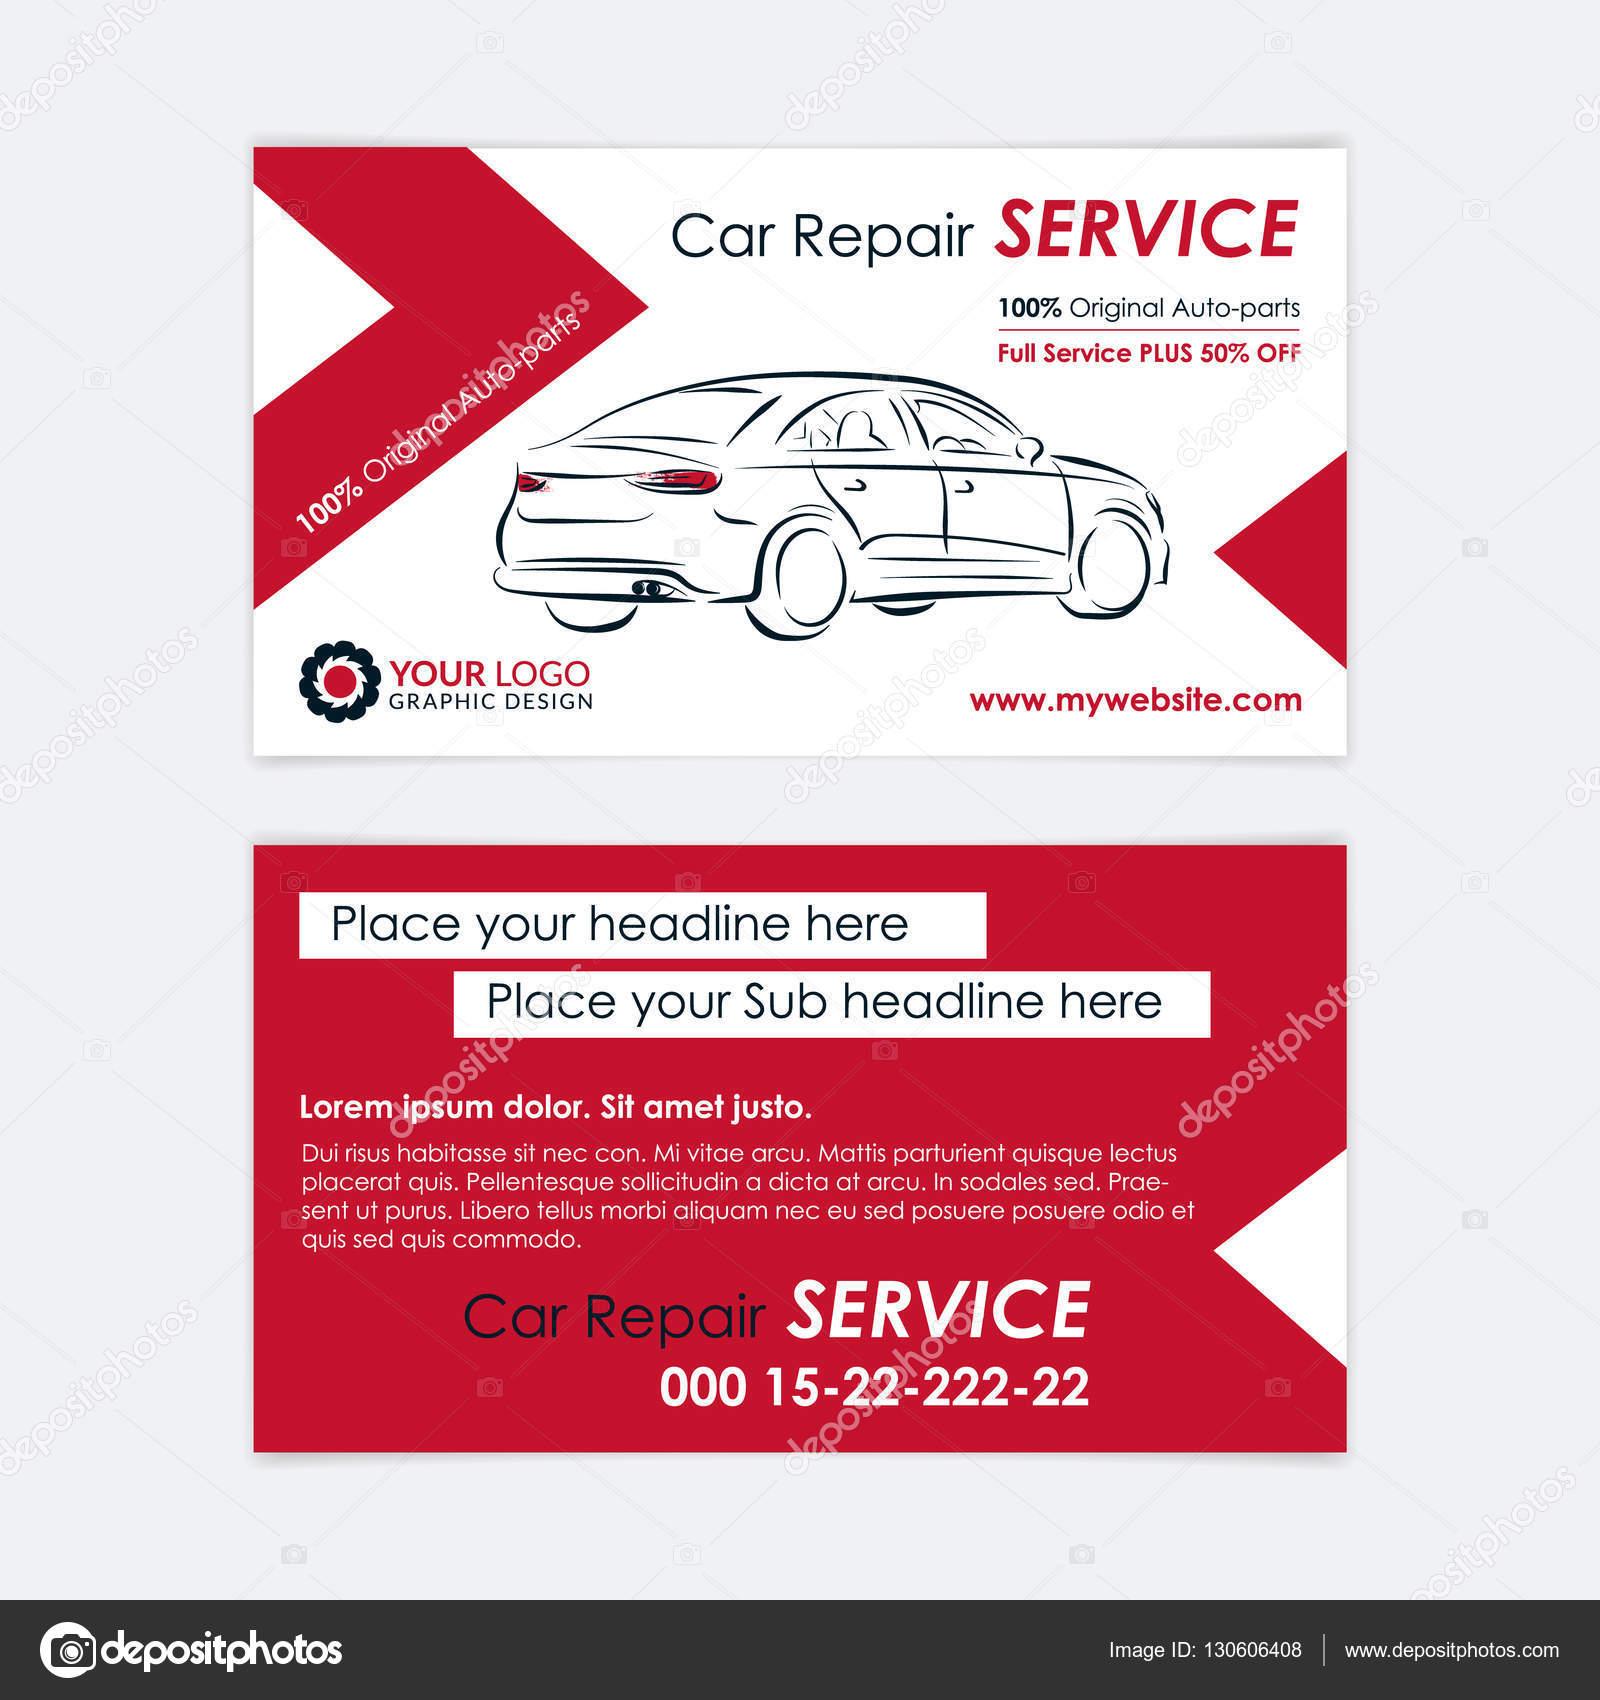 Auto Reparatur Visitenkarte Vorlage. Erstellen Sie Ihre eigenen ...